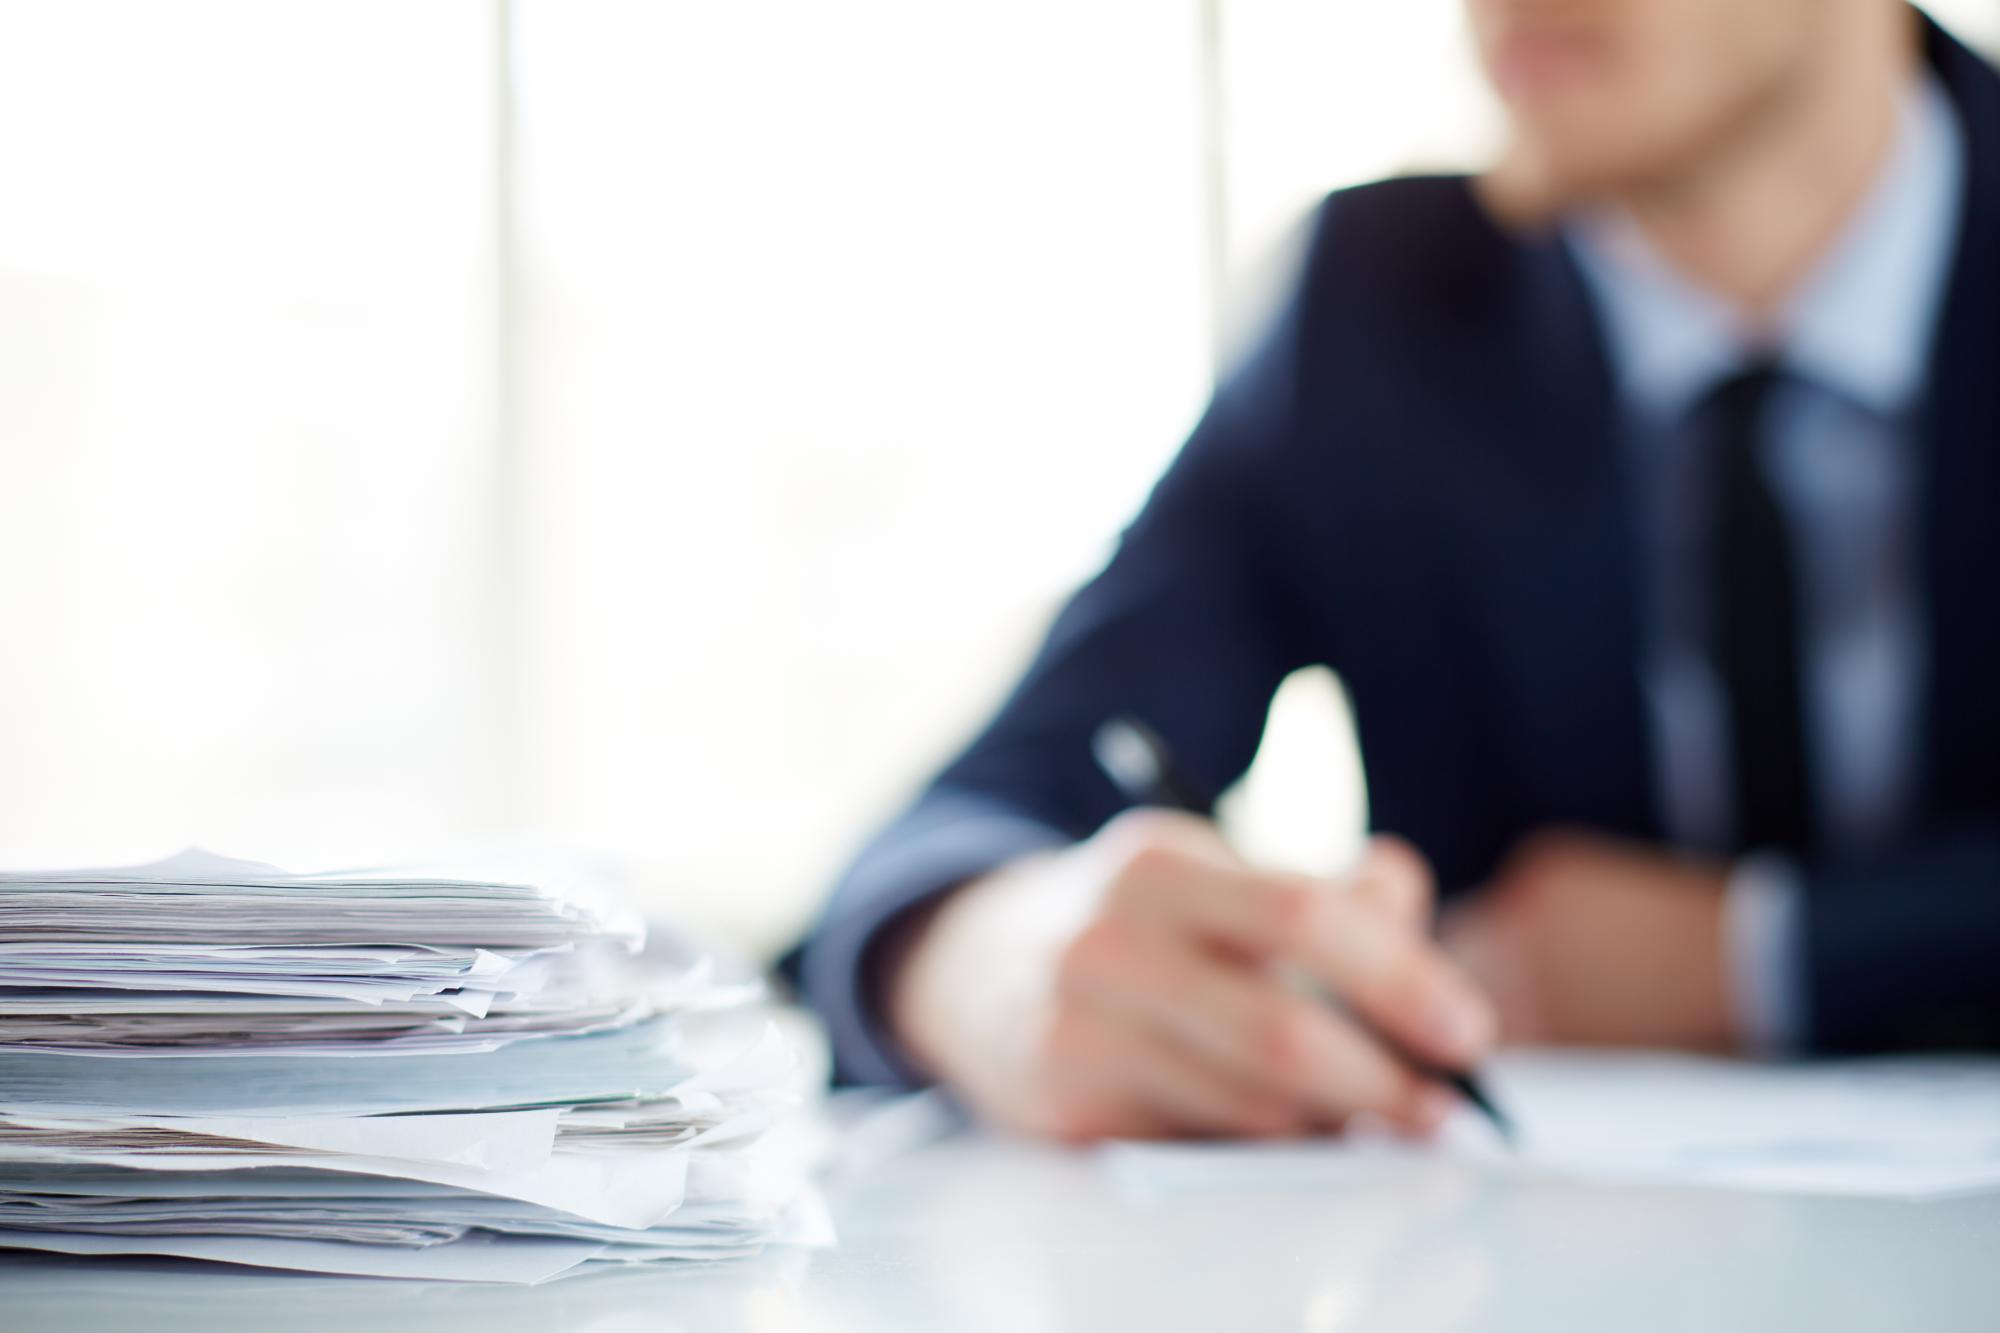 Чтобы избежать доначислений, компании пришлось предоставить даже бухгалтерские документы поставщика